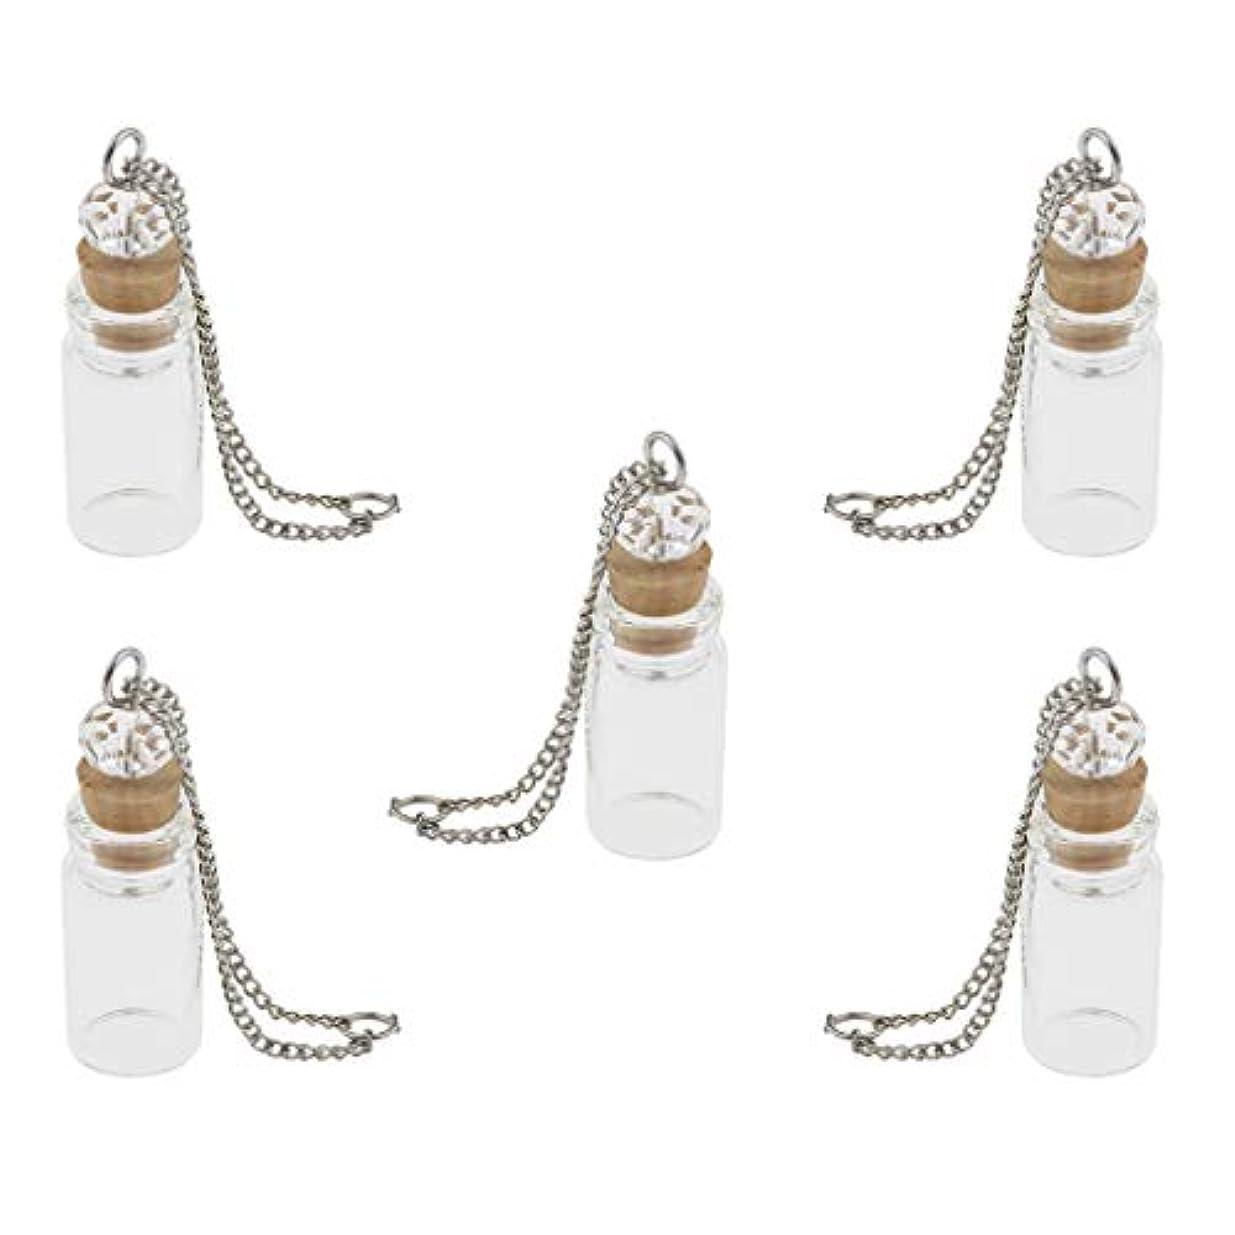 ユーモア効能戦士IPOTCH 5個 ミニガラス瓶 ネックレス ペンダント バイアル DIY 手作りプレゼント 手芸用 2タイプ選べ - 1mlクリア